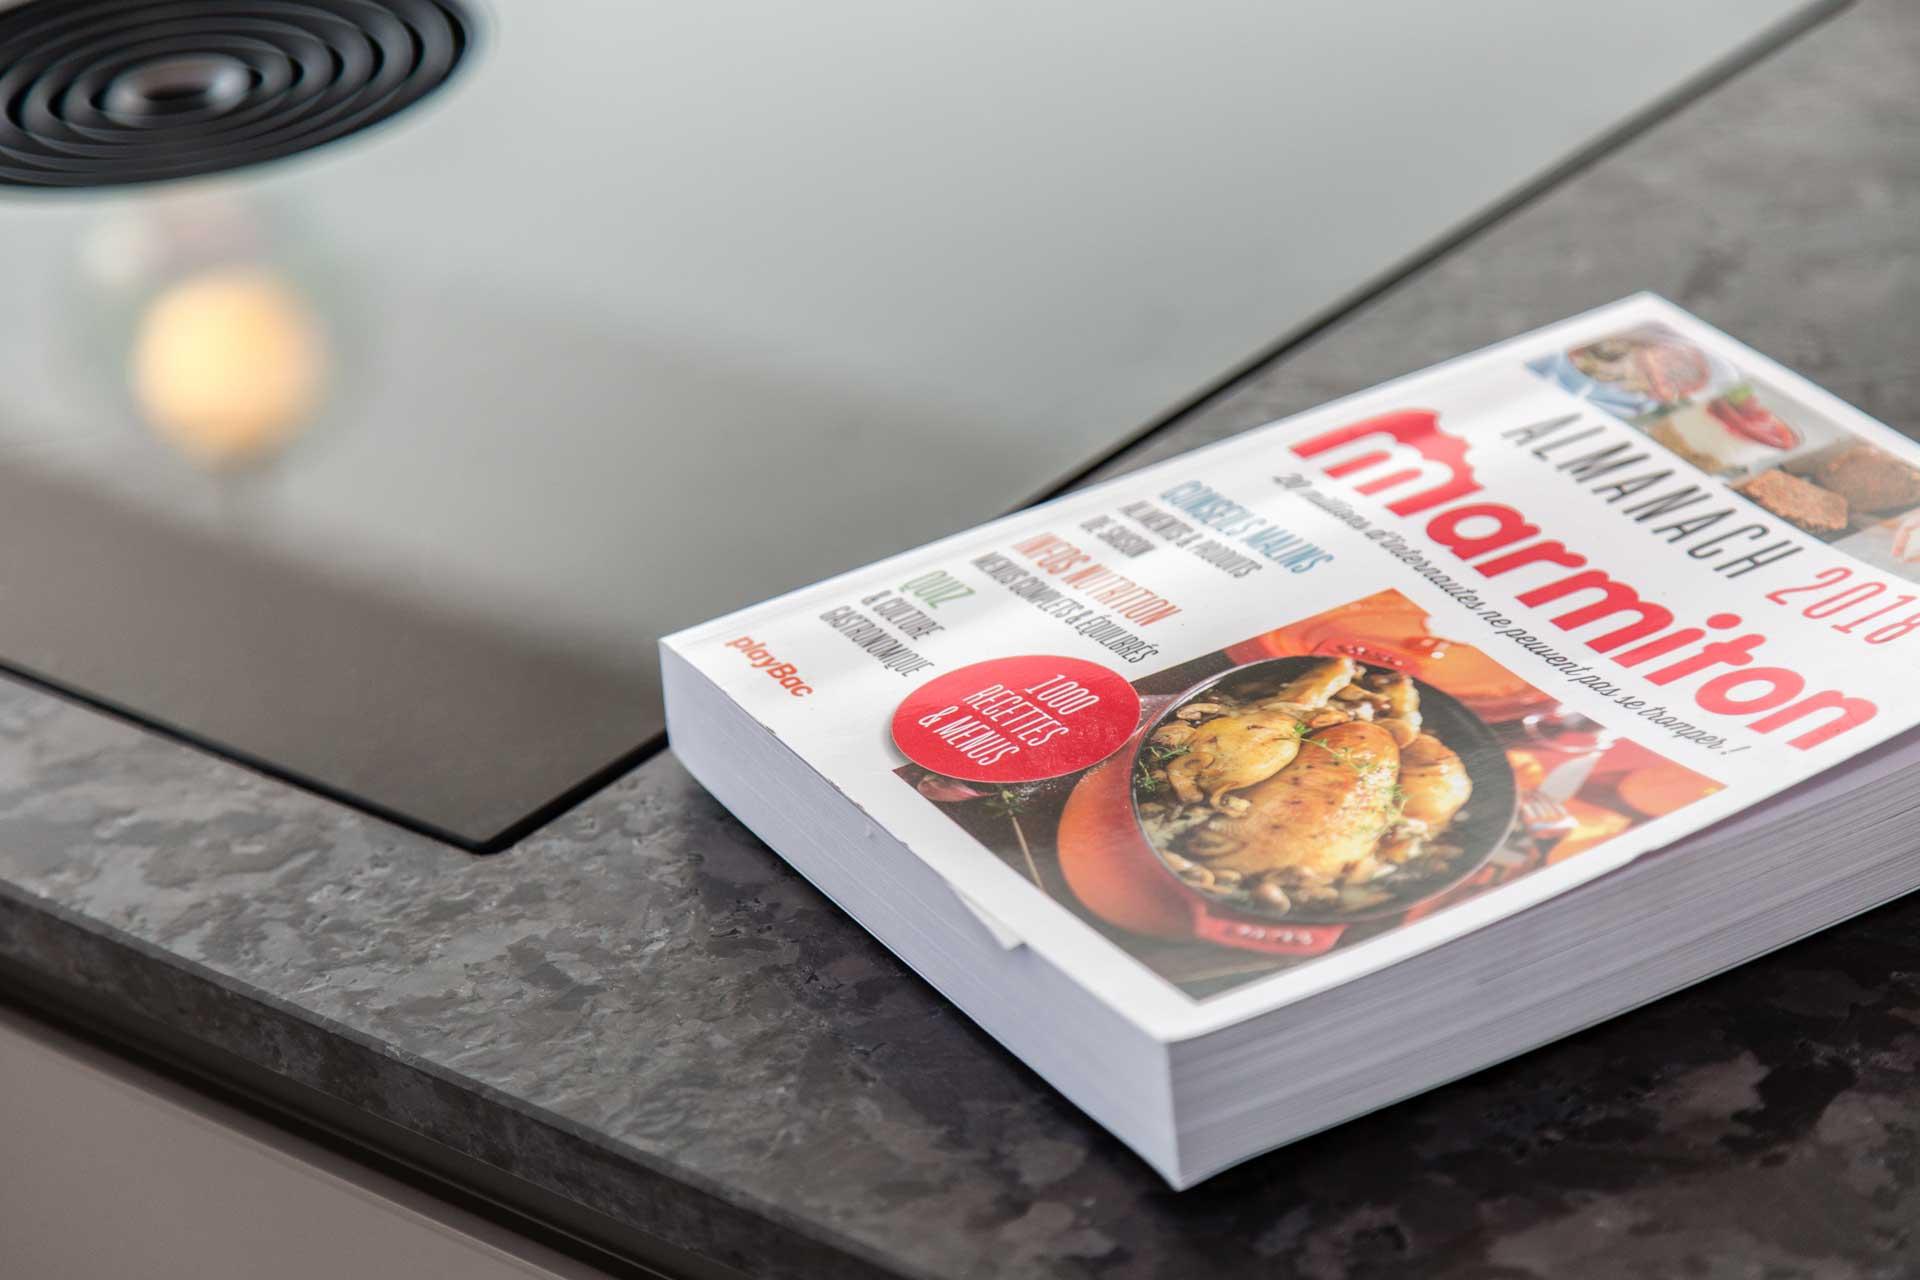 Un reportage photo sur mesure pour ce cuisiniste situé à Guérande